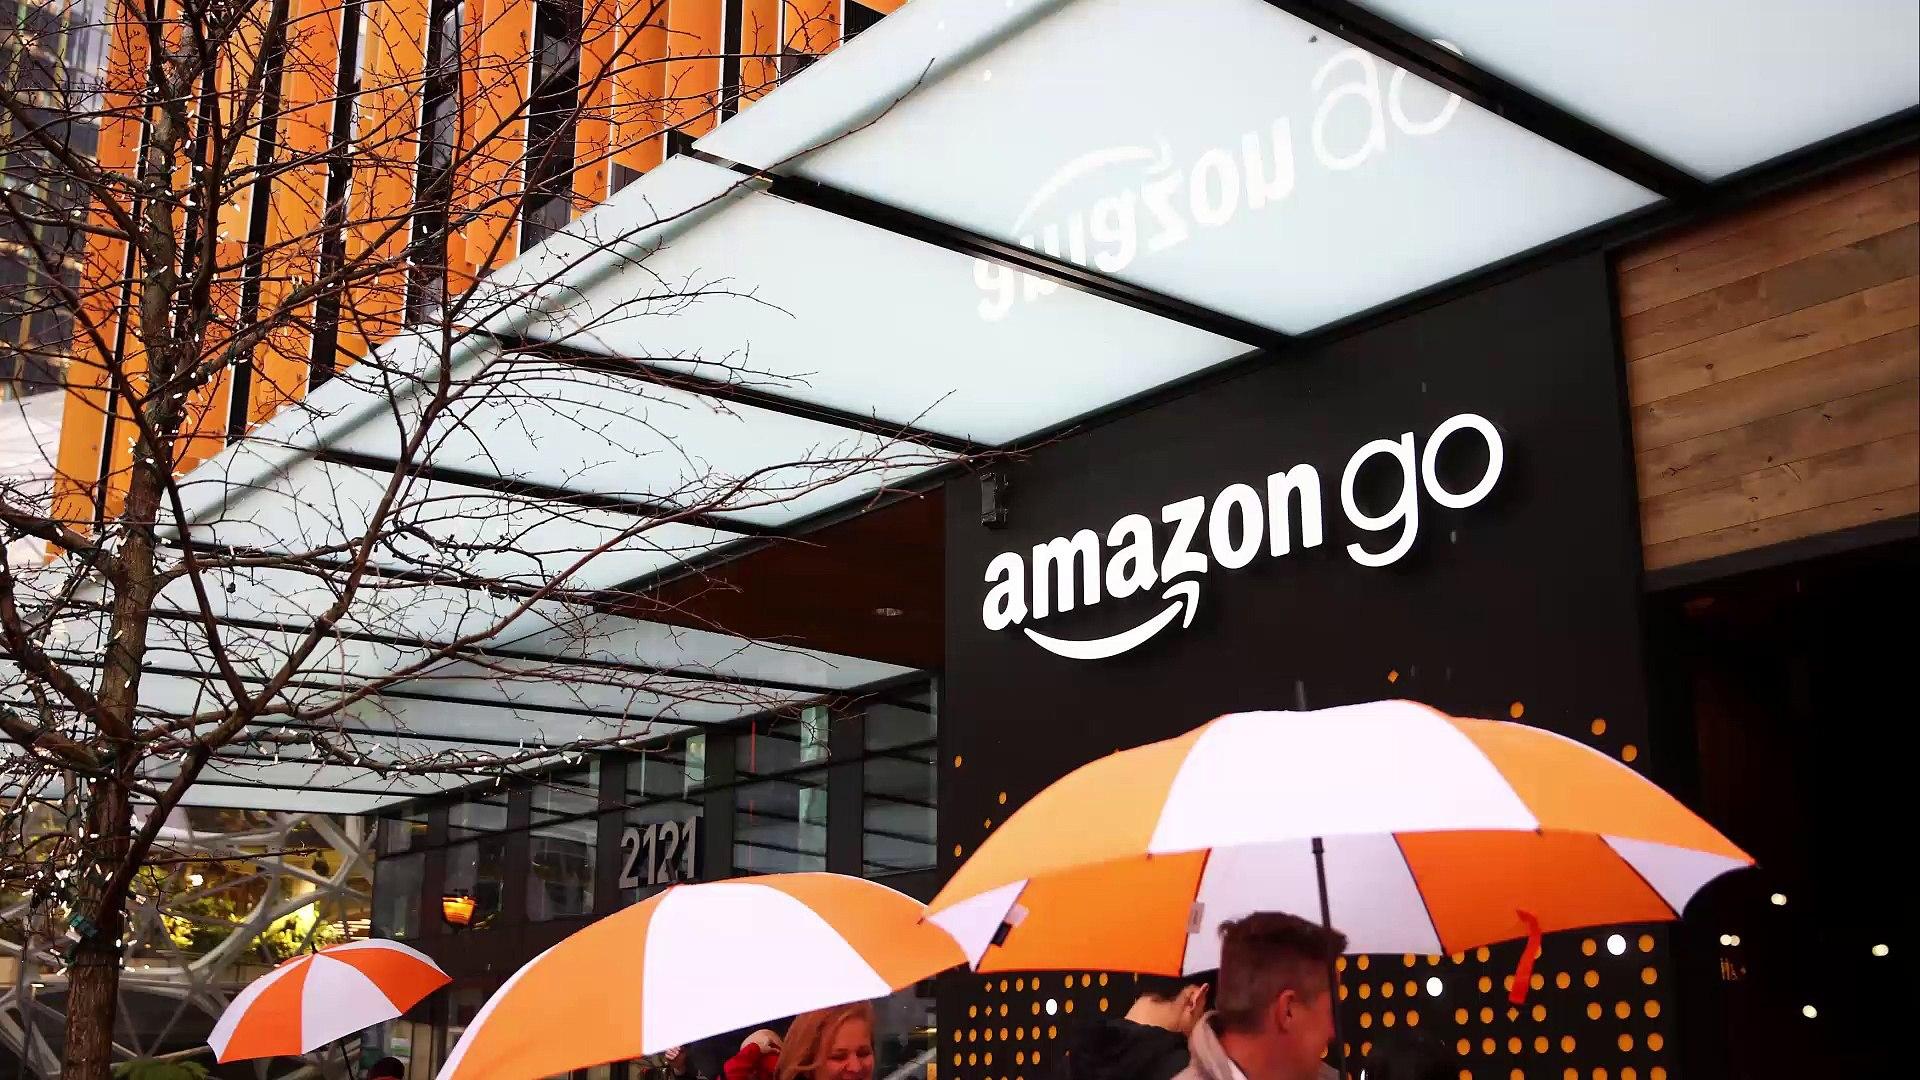 Amazon to Expand 'Amazon Go' Stores to Chicago, San Francisco